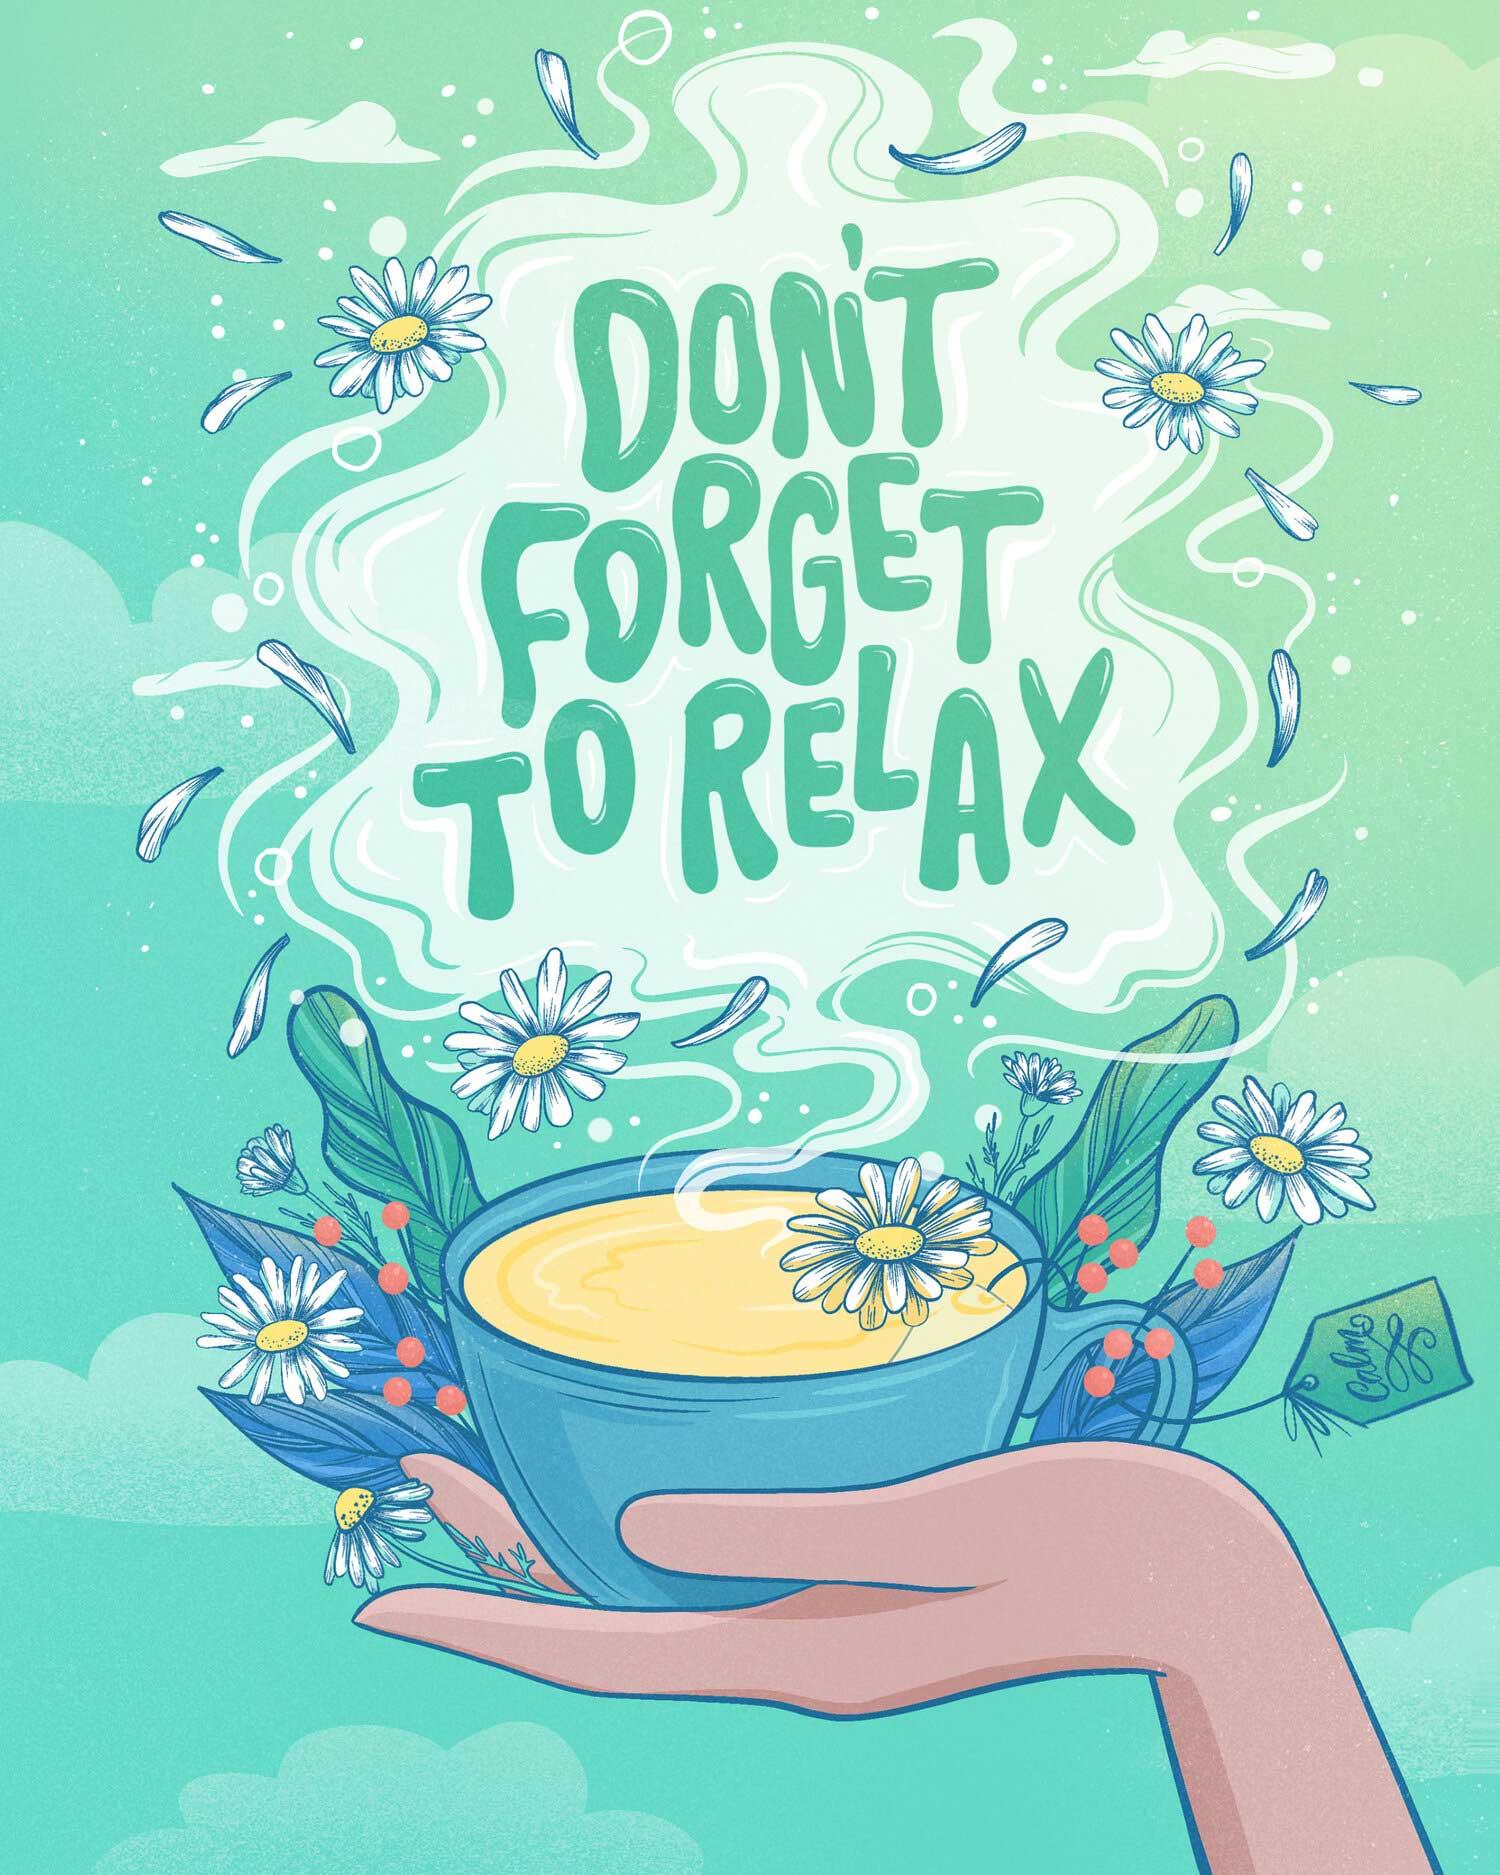 belinda-kou-dont-forget-to-relax-digital-lettering